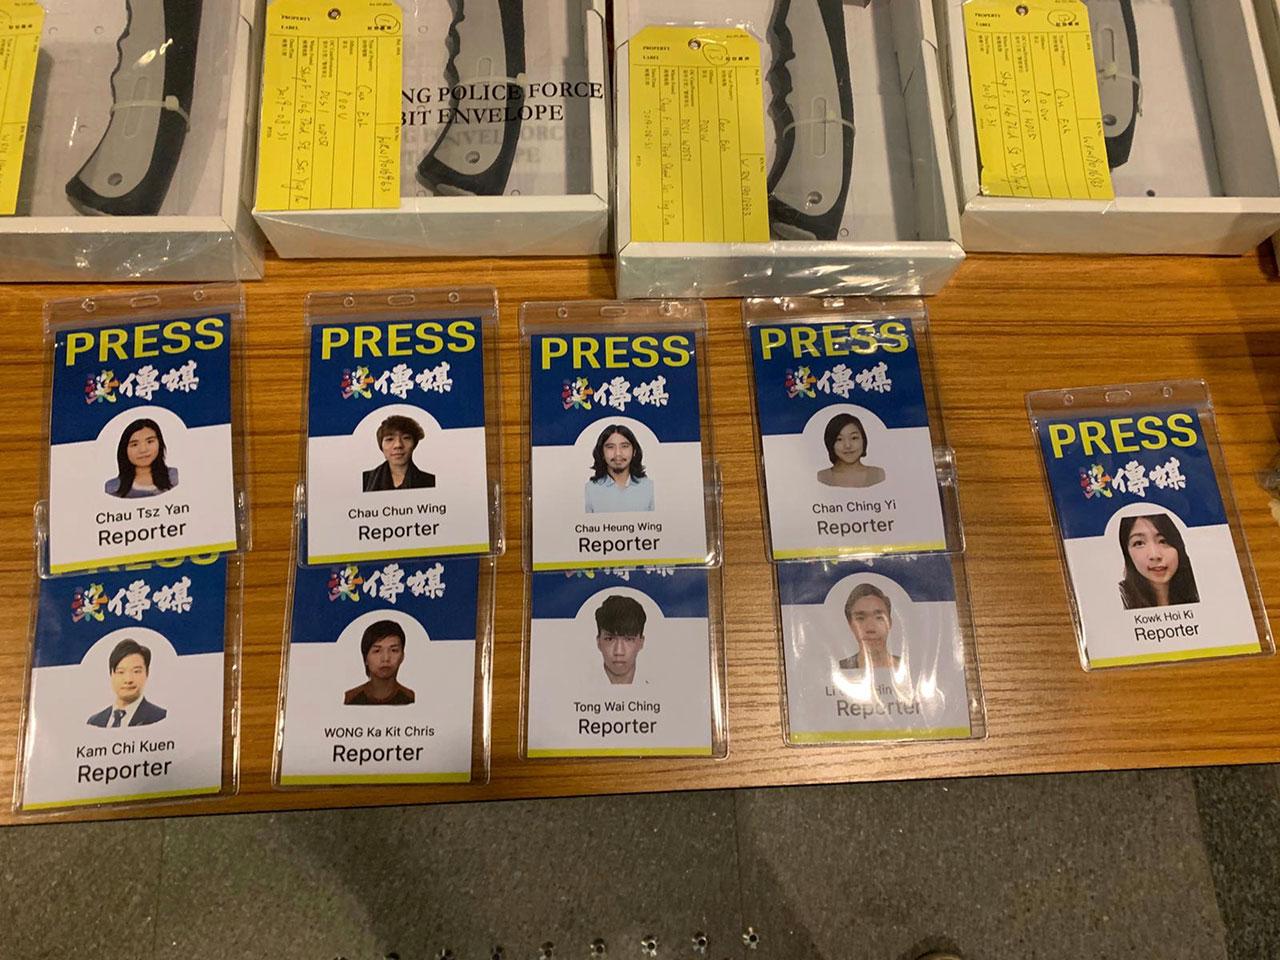 香港警方在铜锣湾及西环拘捕11人 缴获大量假记者证